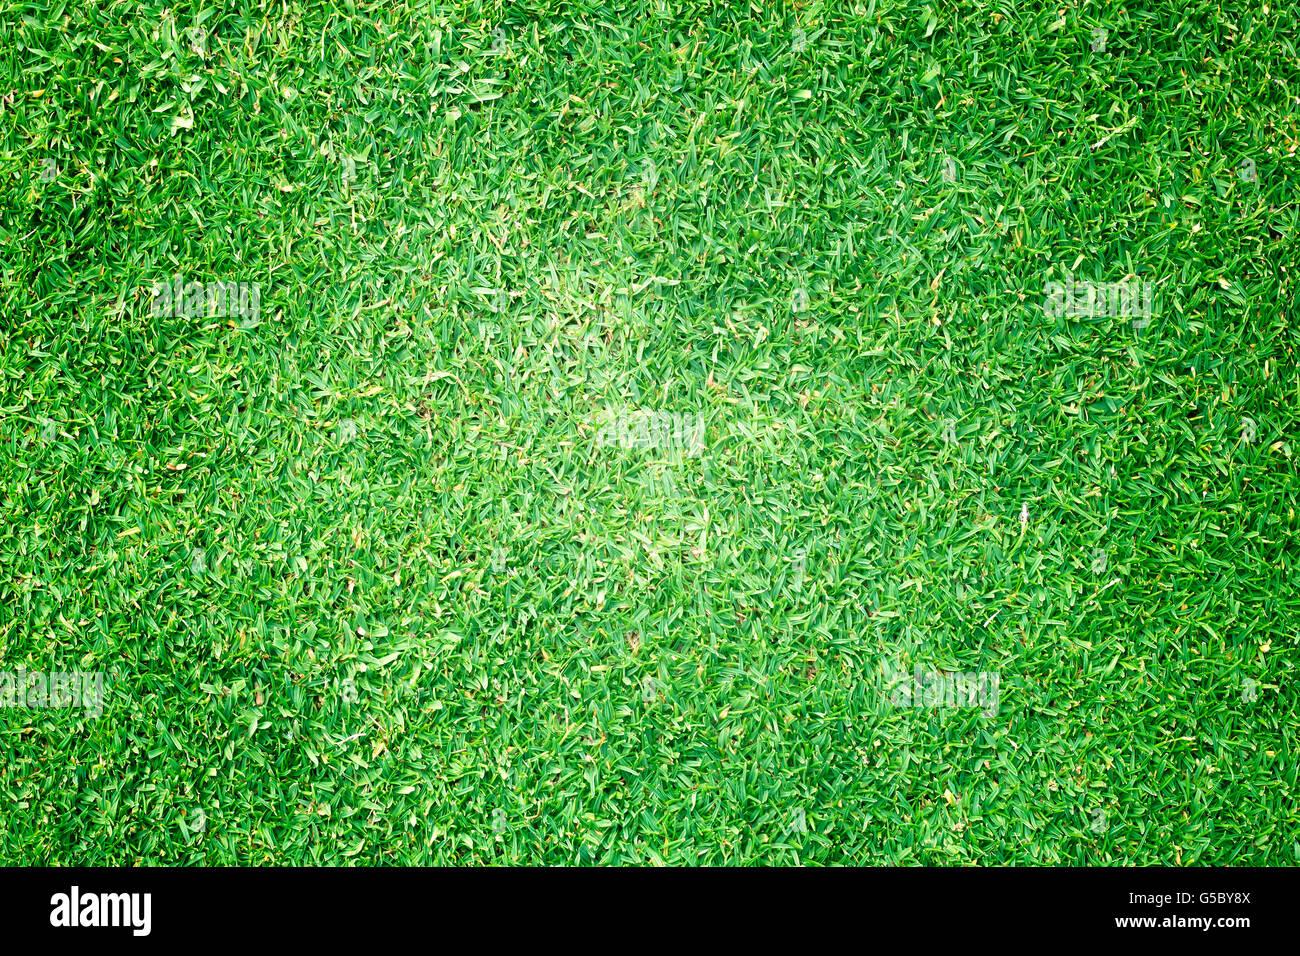 Campos de Golf de césped verde fondo de textura de patrón. Foto de stock